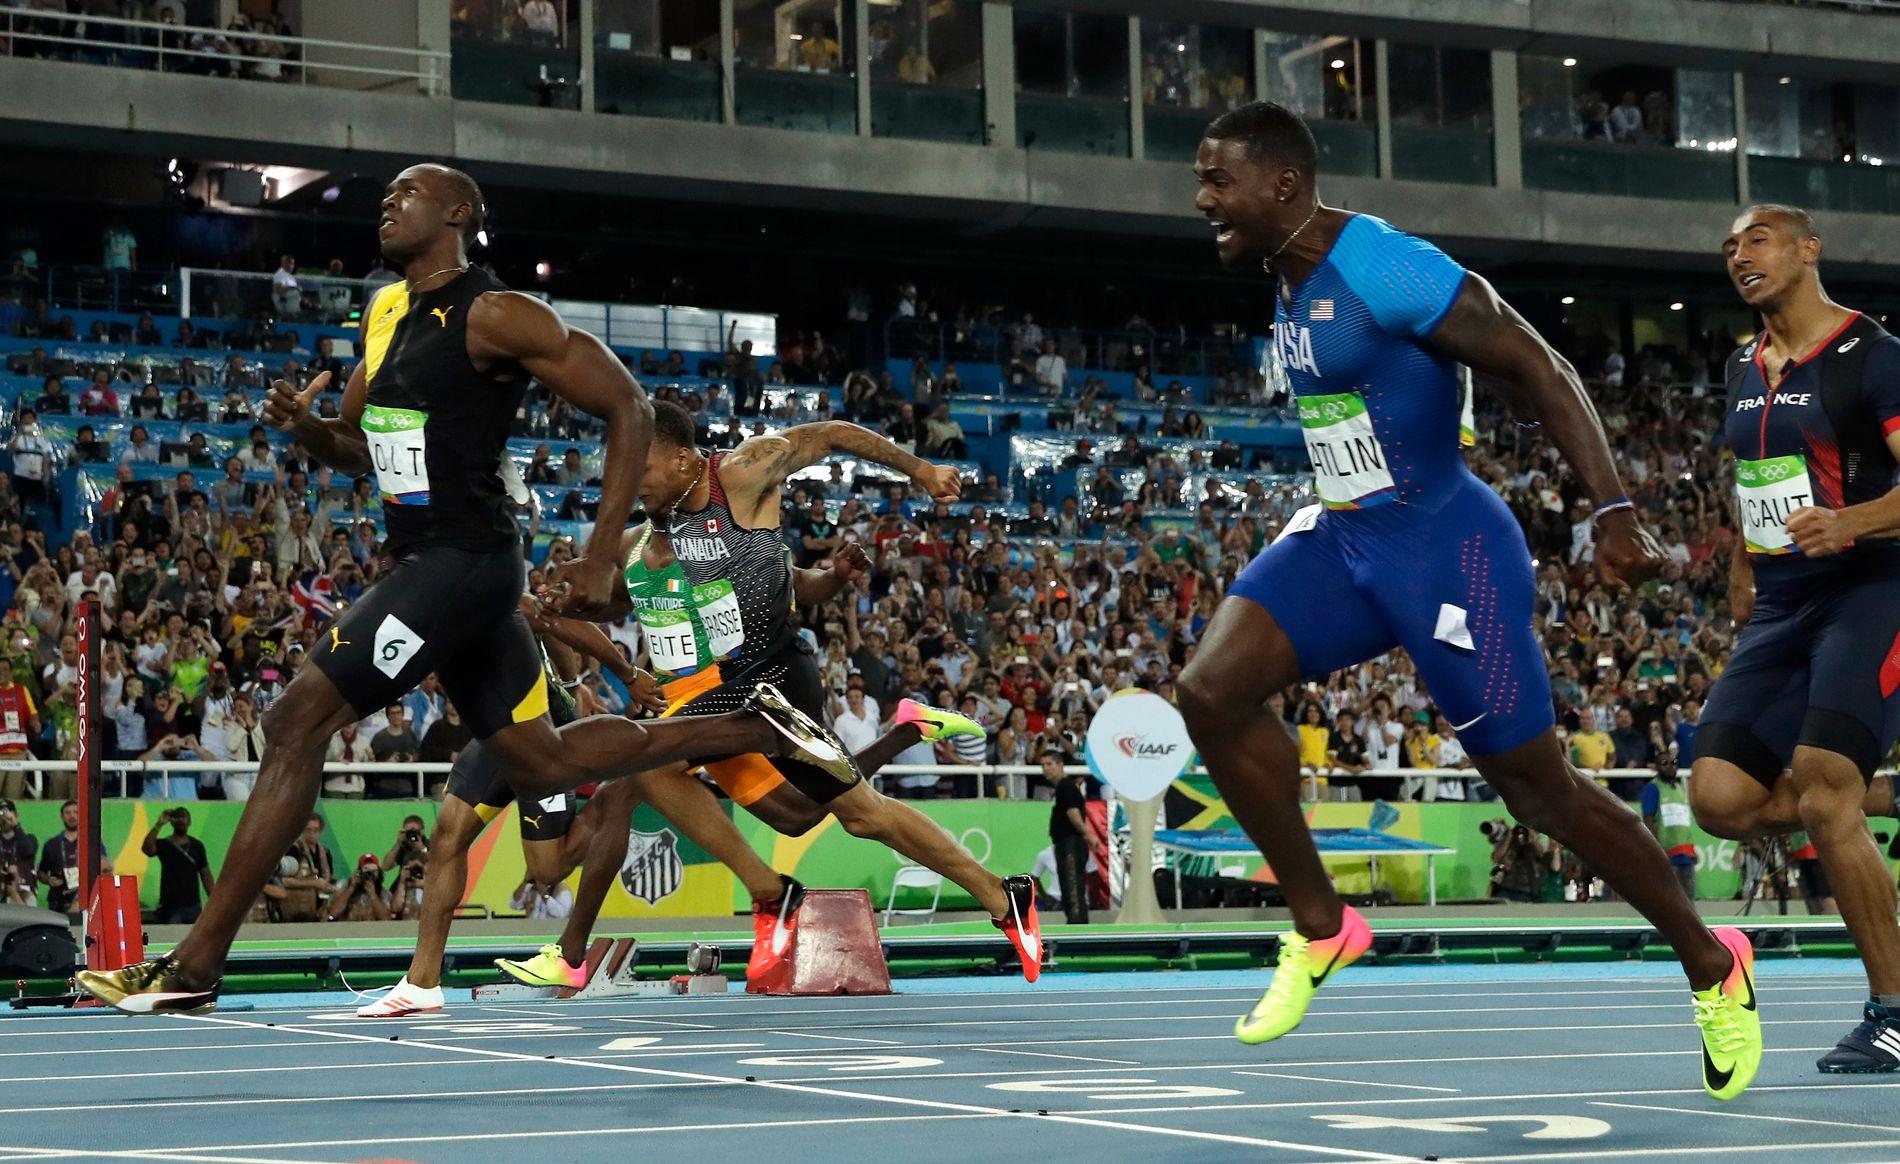 NYTT GULL: Usain Bolt var selvfølgelig først over målstreken da det gjaldt som mest.